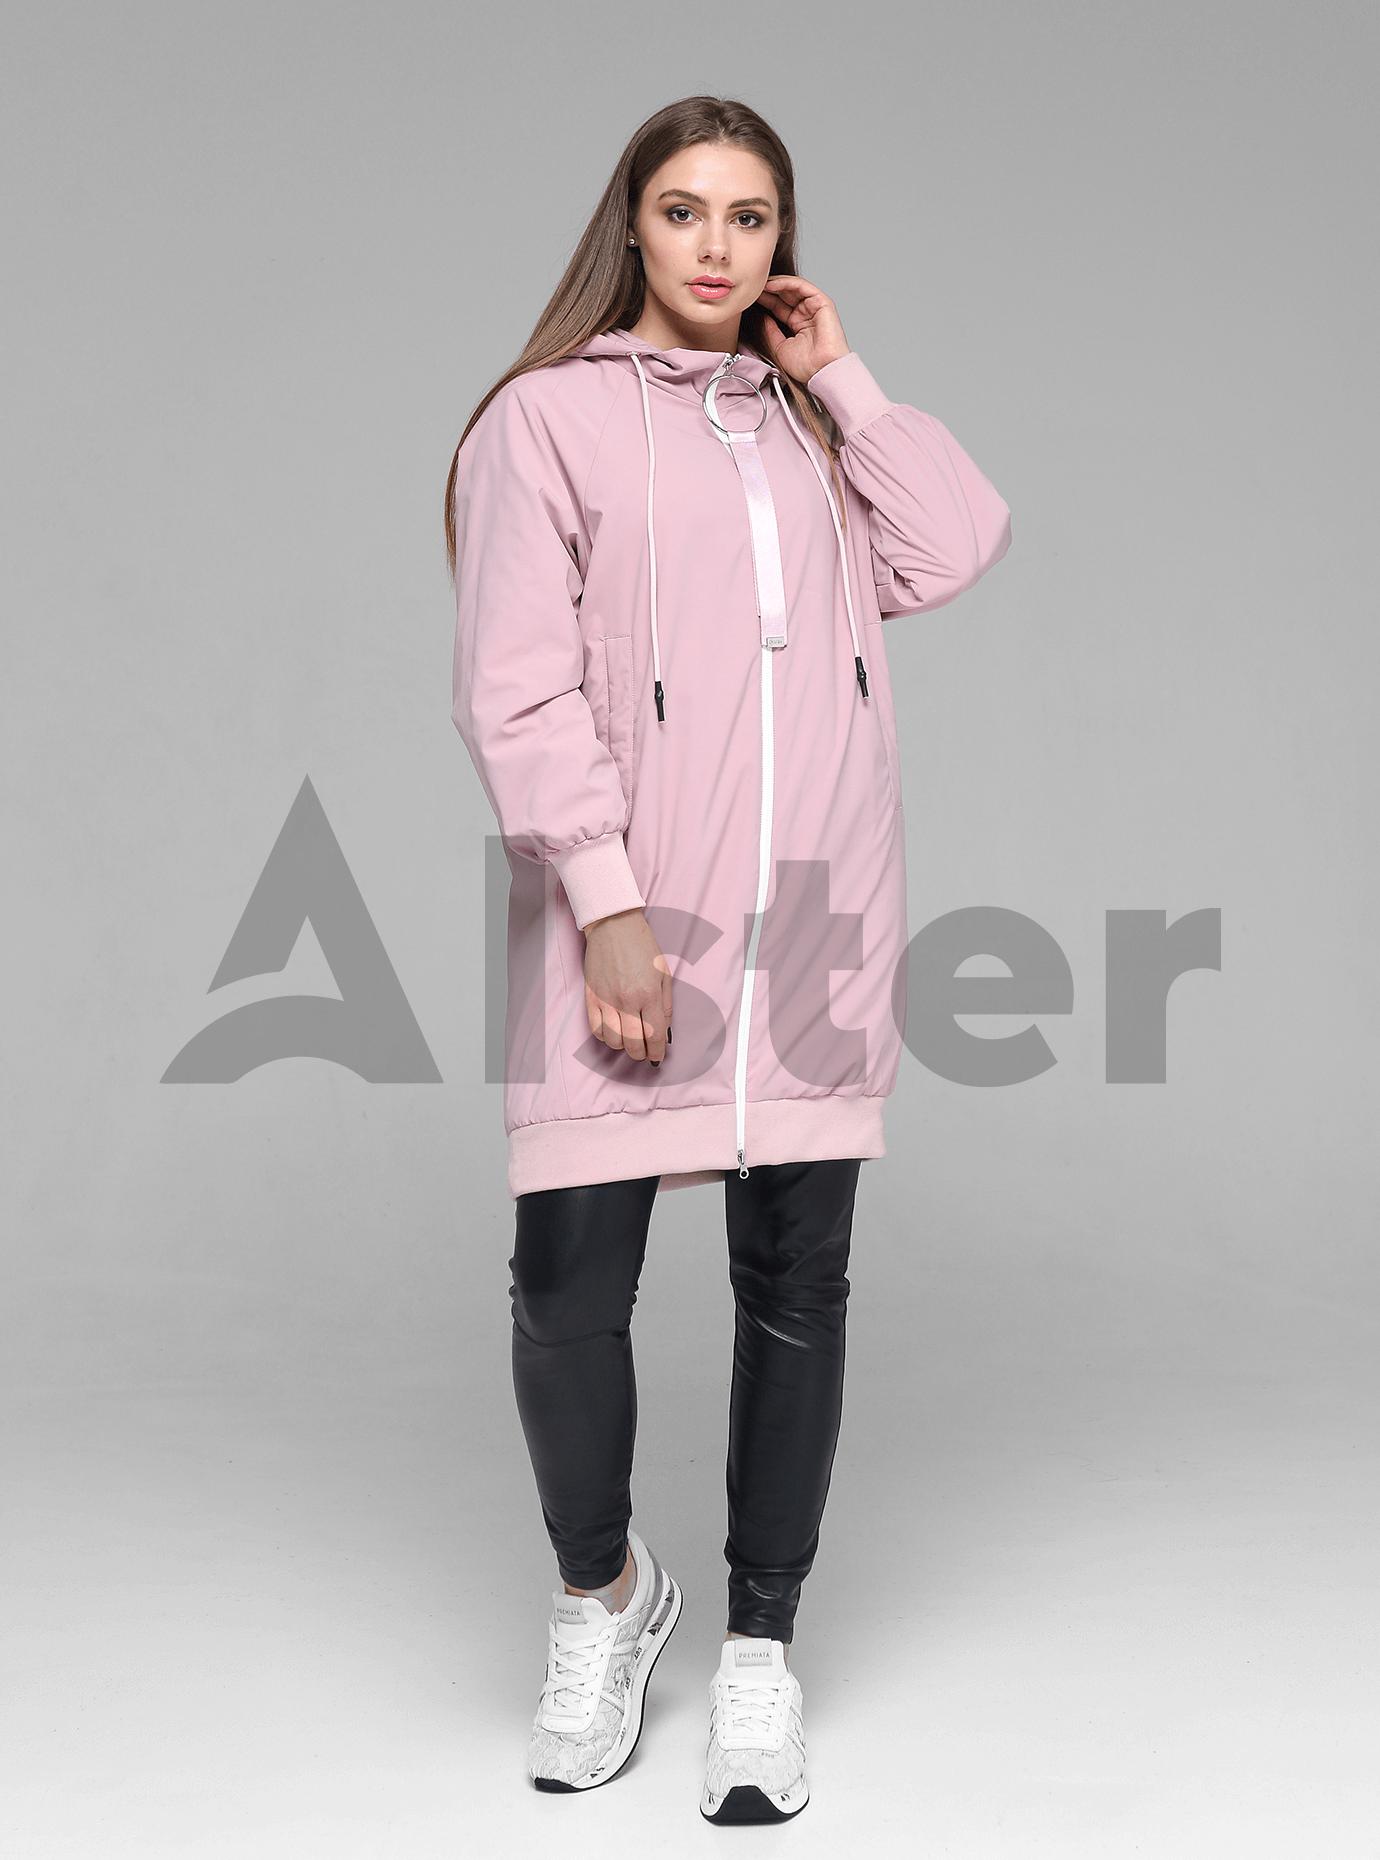 Куртка демисезонная женская с капюшоном Песочный L (02-D190166): фото - Alster.ua